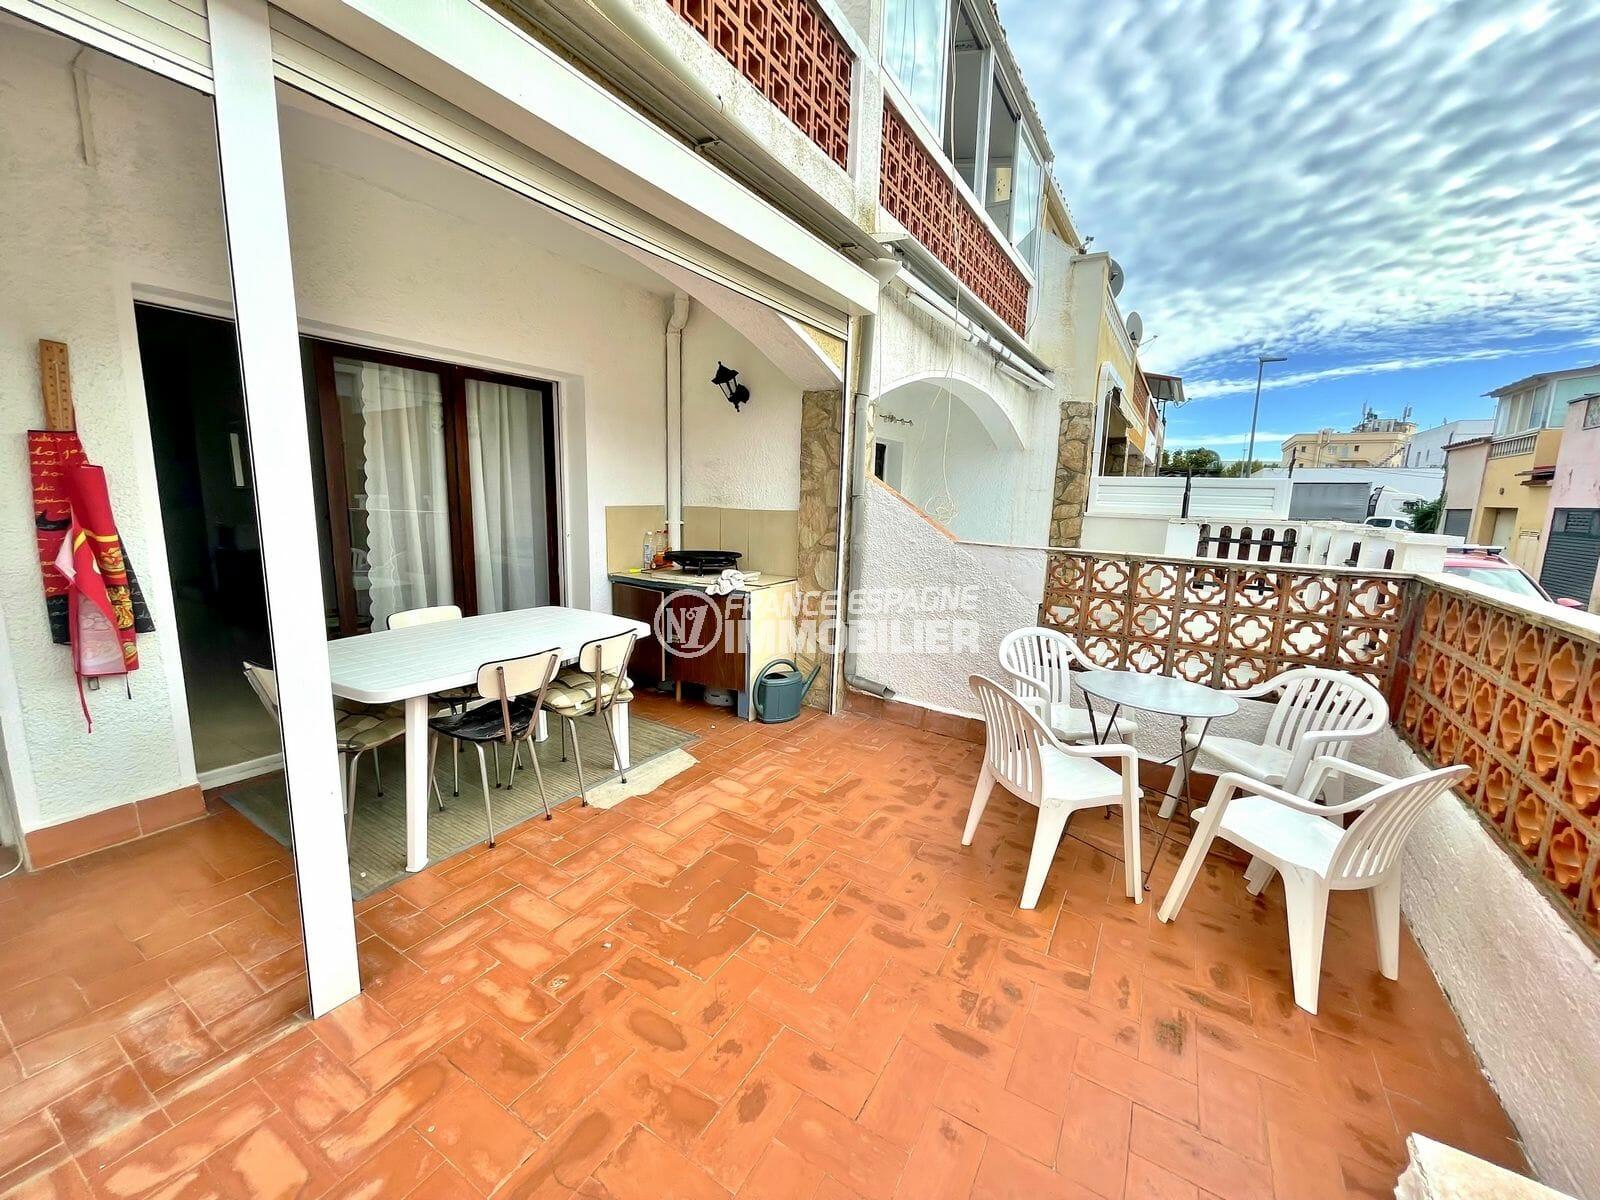 maison a vendre en espagne pas cher, 2 chambres 76 m², terrain de 83 m², 2 terrasses, 200 m de la plage